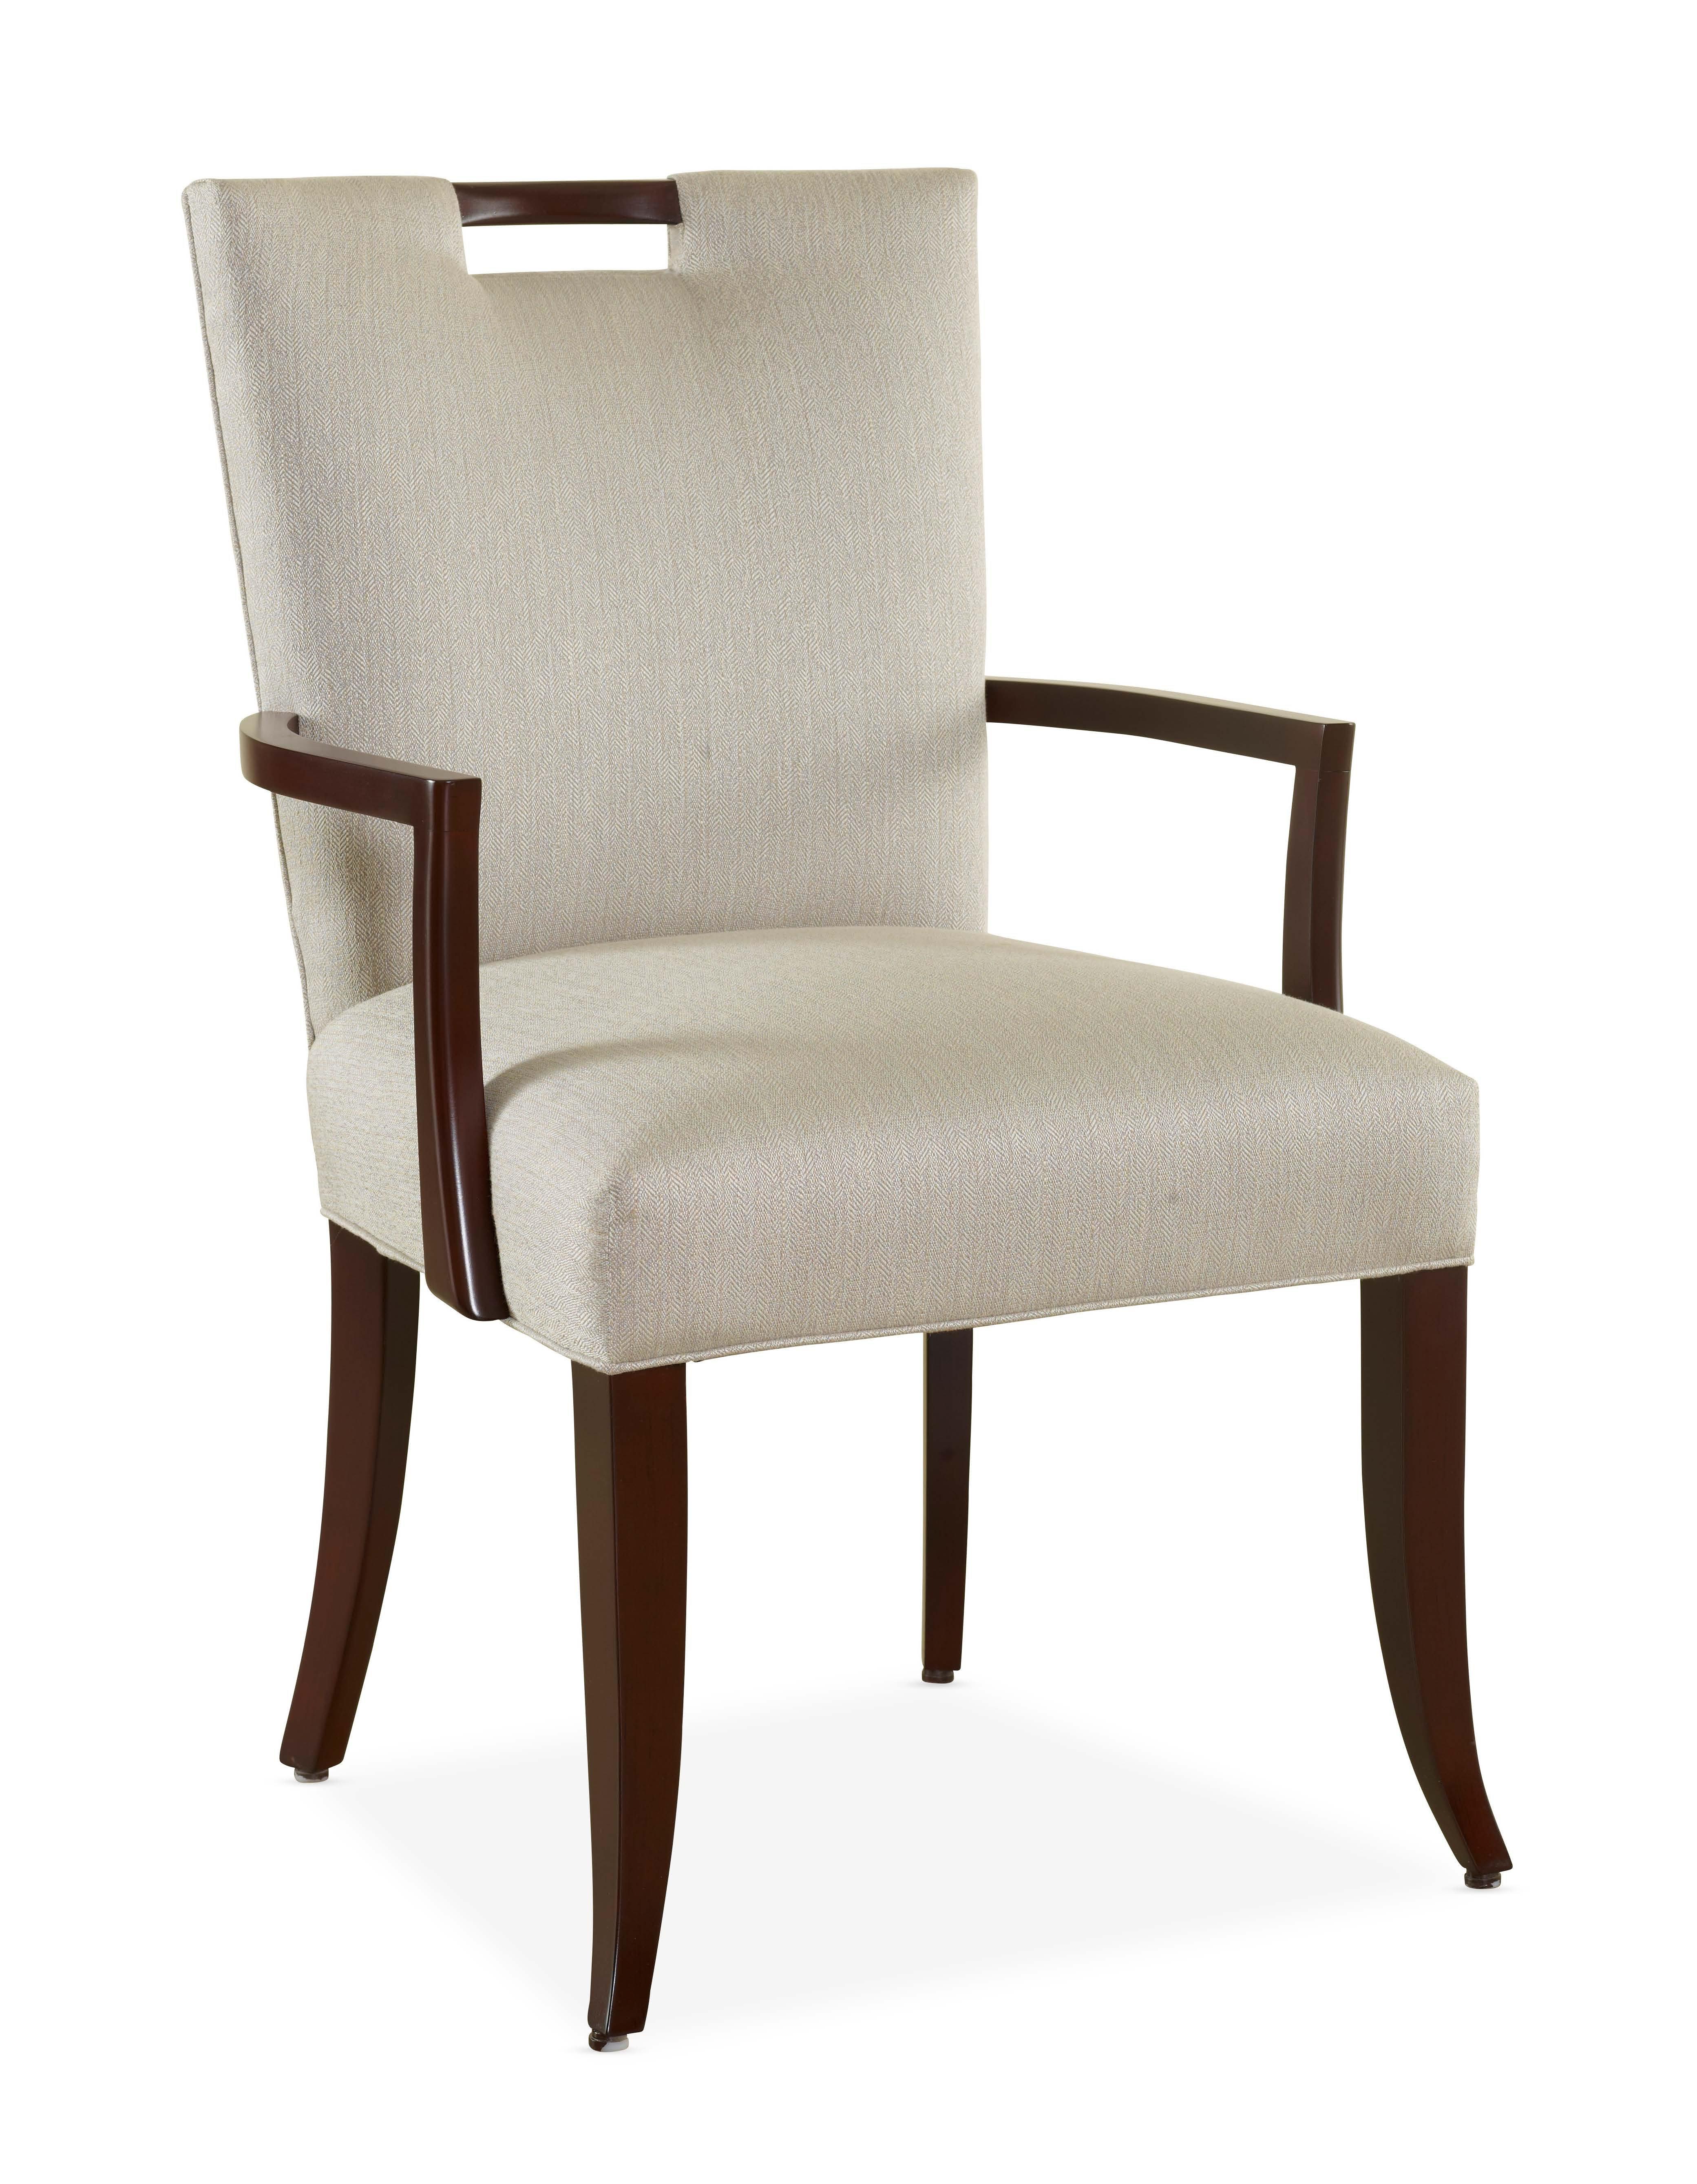 Darby Arm Chair Designmaster Furniture